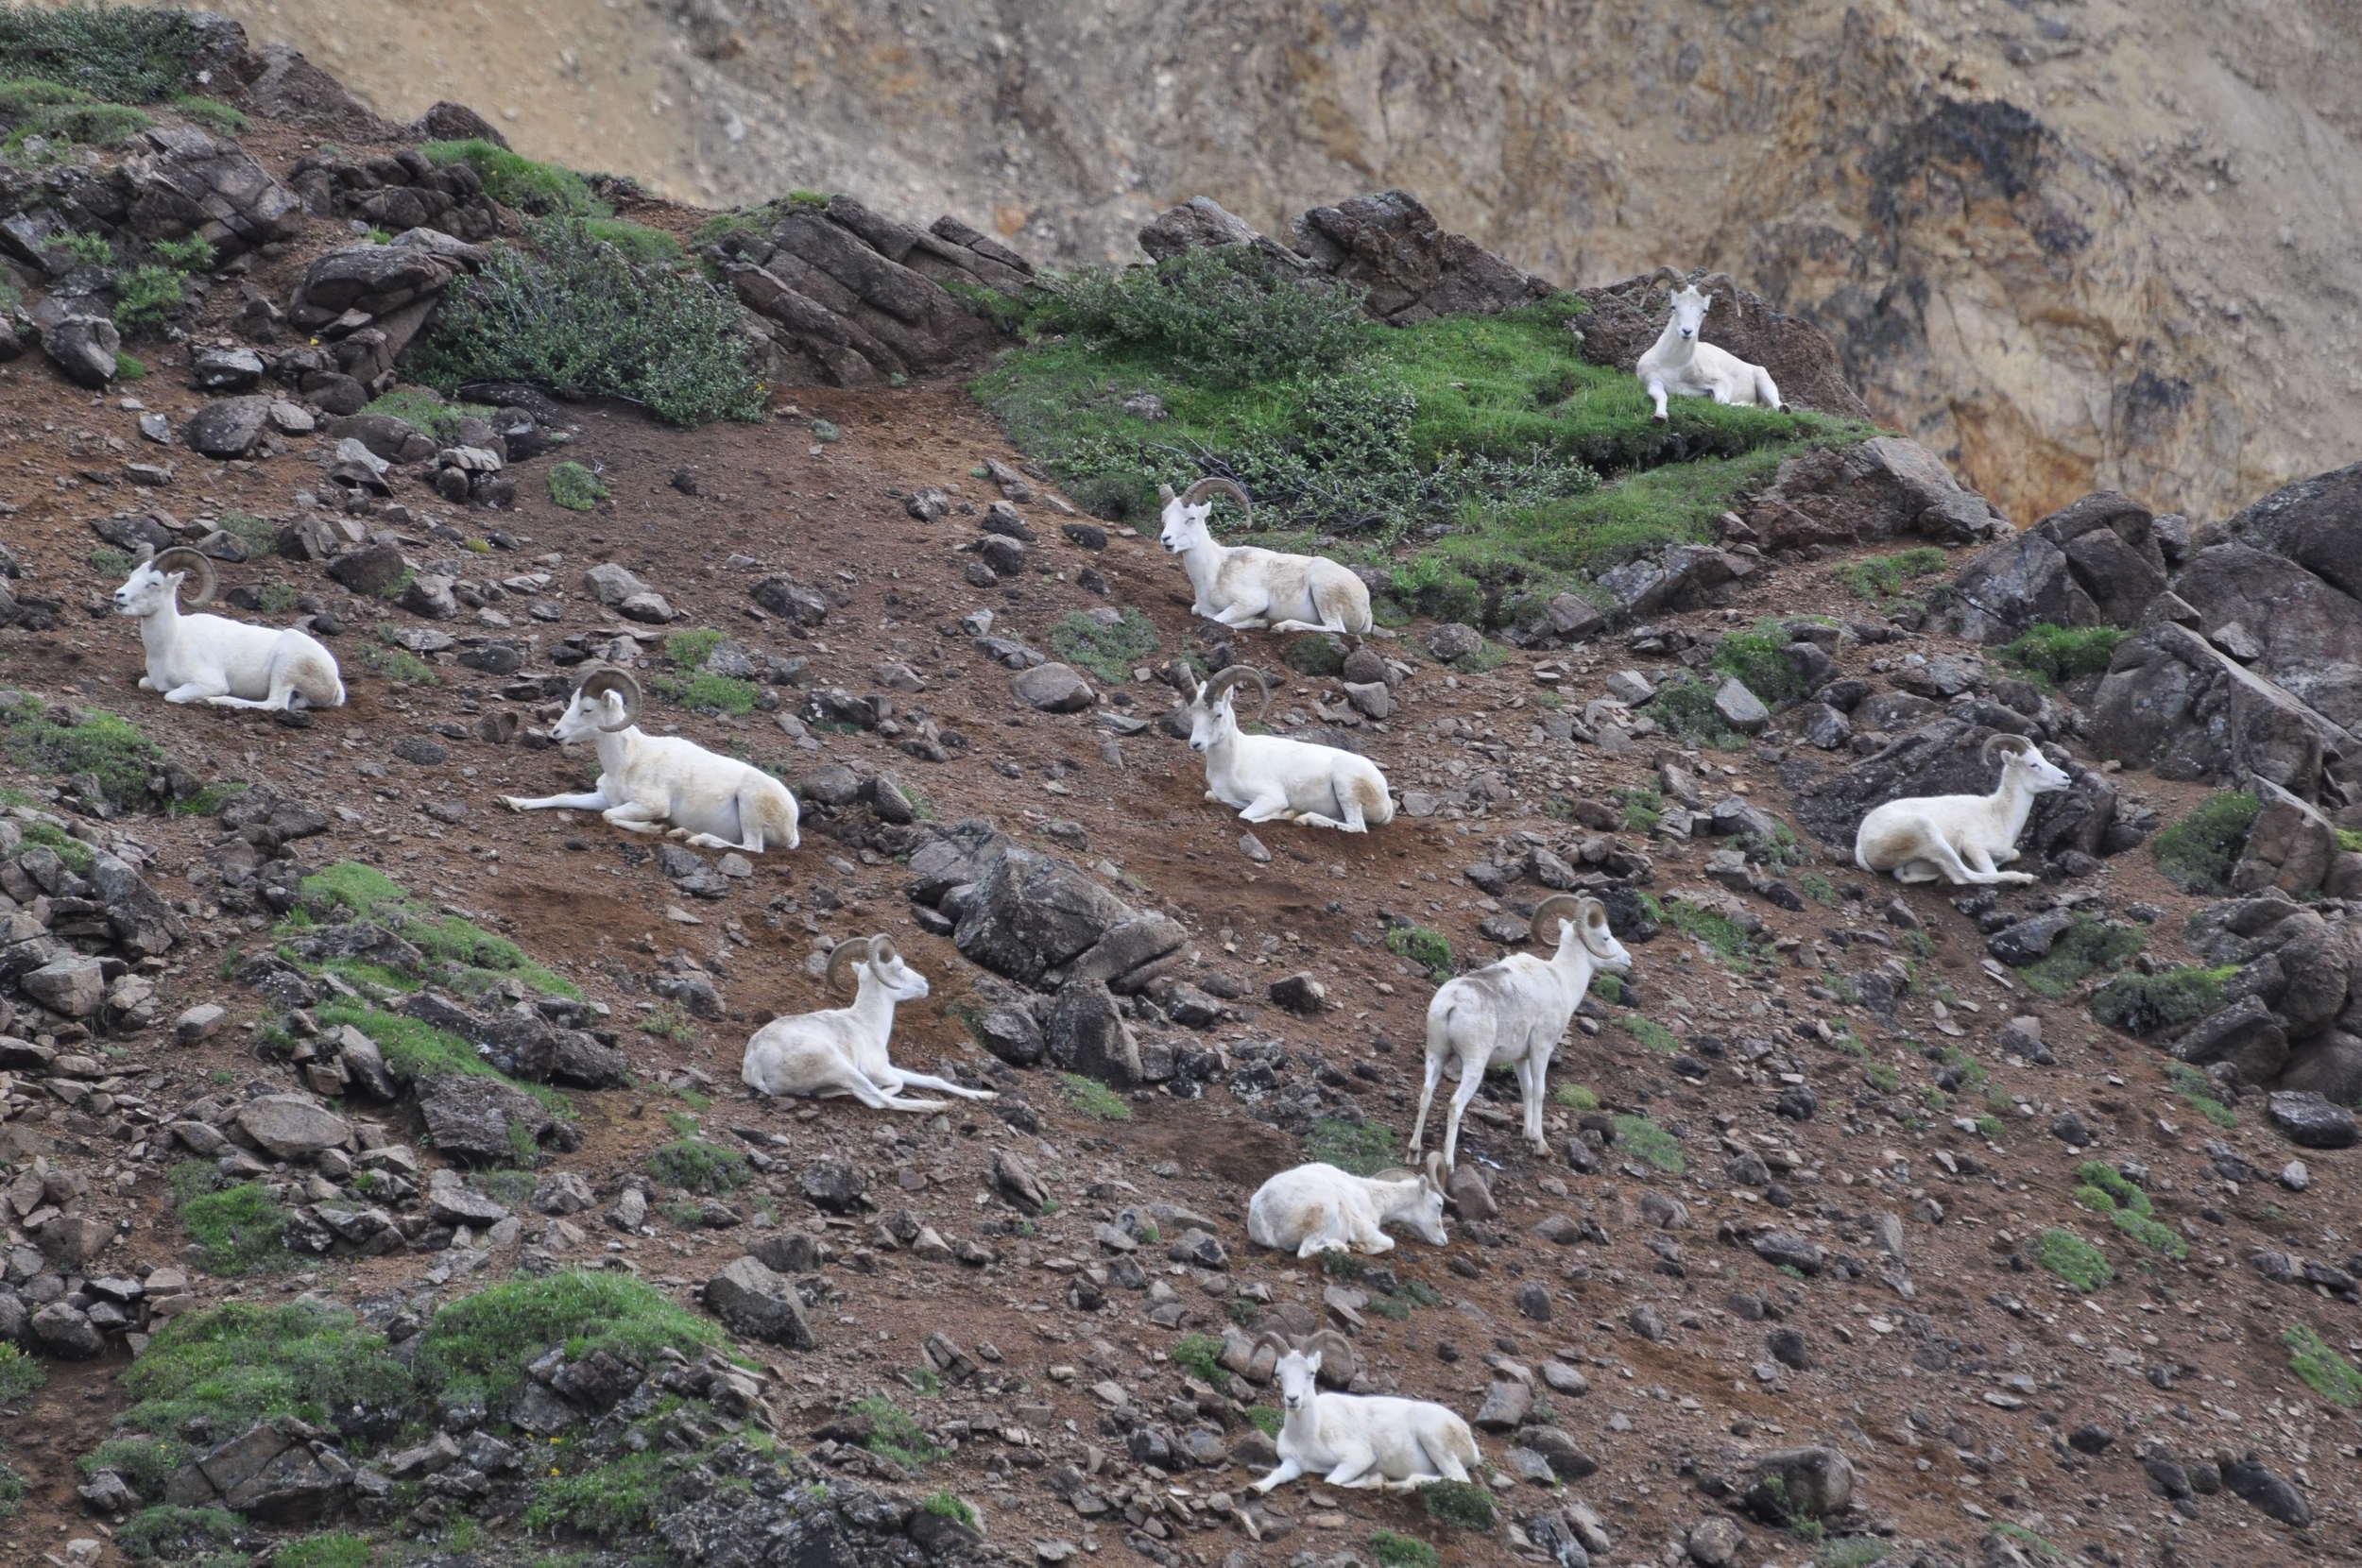 Sheep cliffside at Denali National Park.